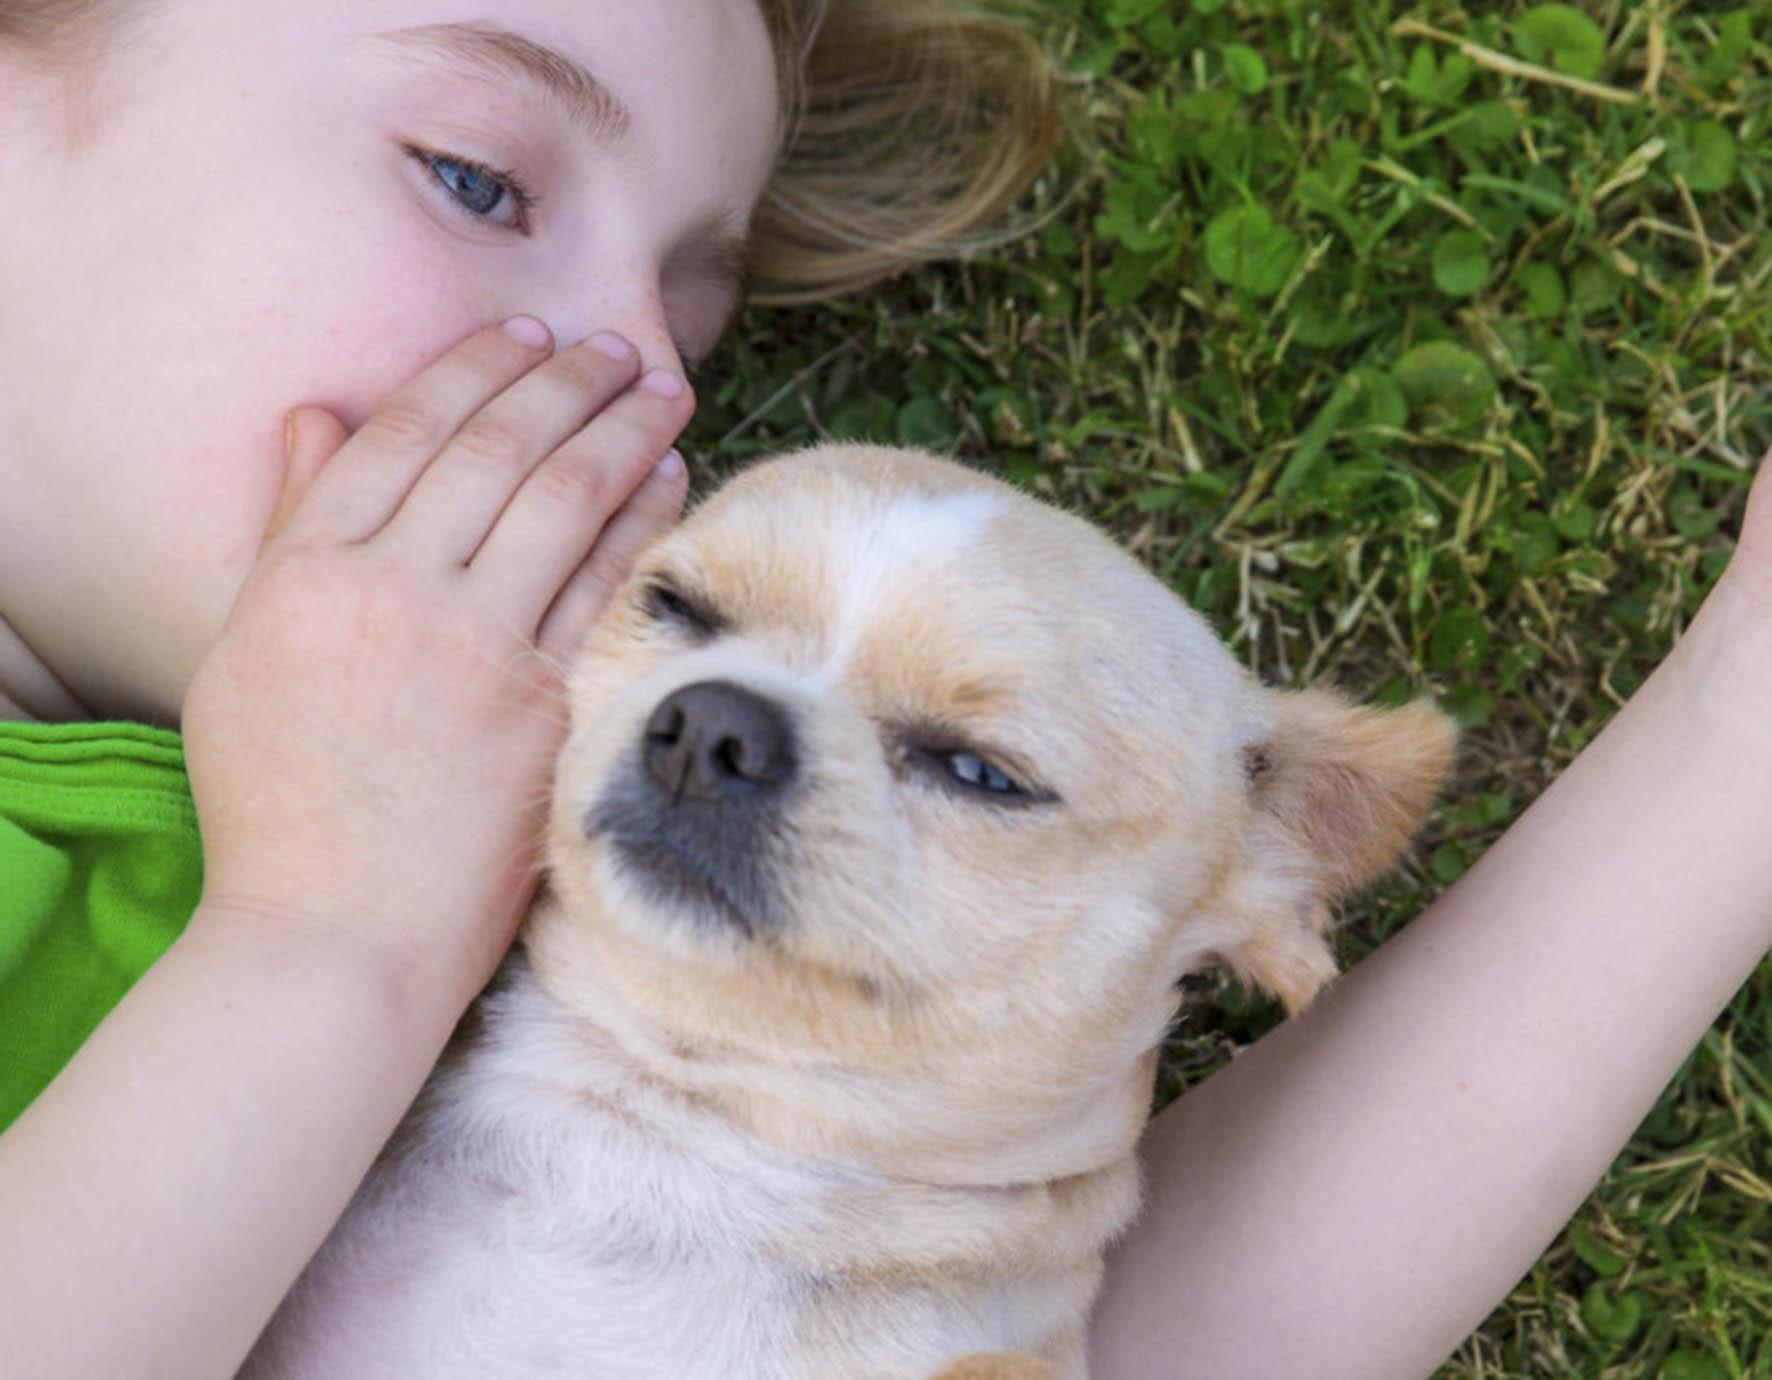 RESPONSABILIDAD Y CUIDADOS, FACTORES A TOMARSE EN CUENTA ANTES DE REGALAR UN ANIMAL DE COMPAÑÍA